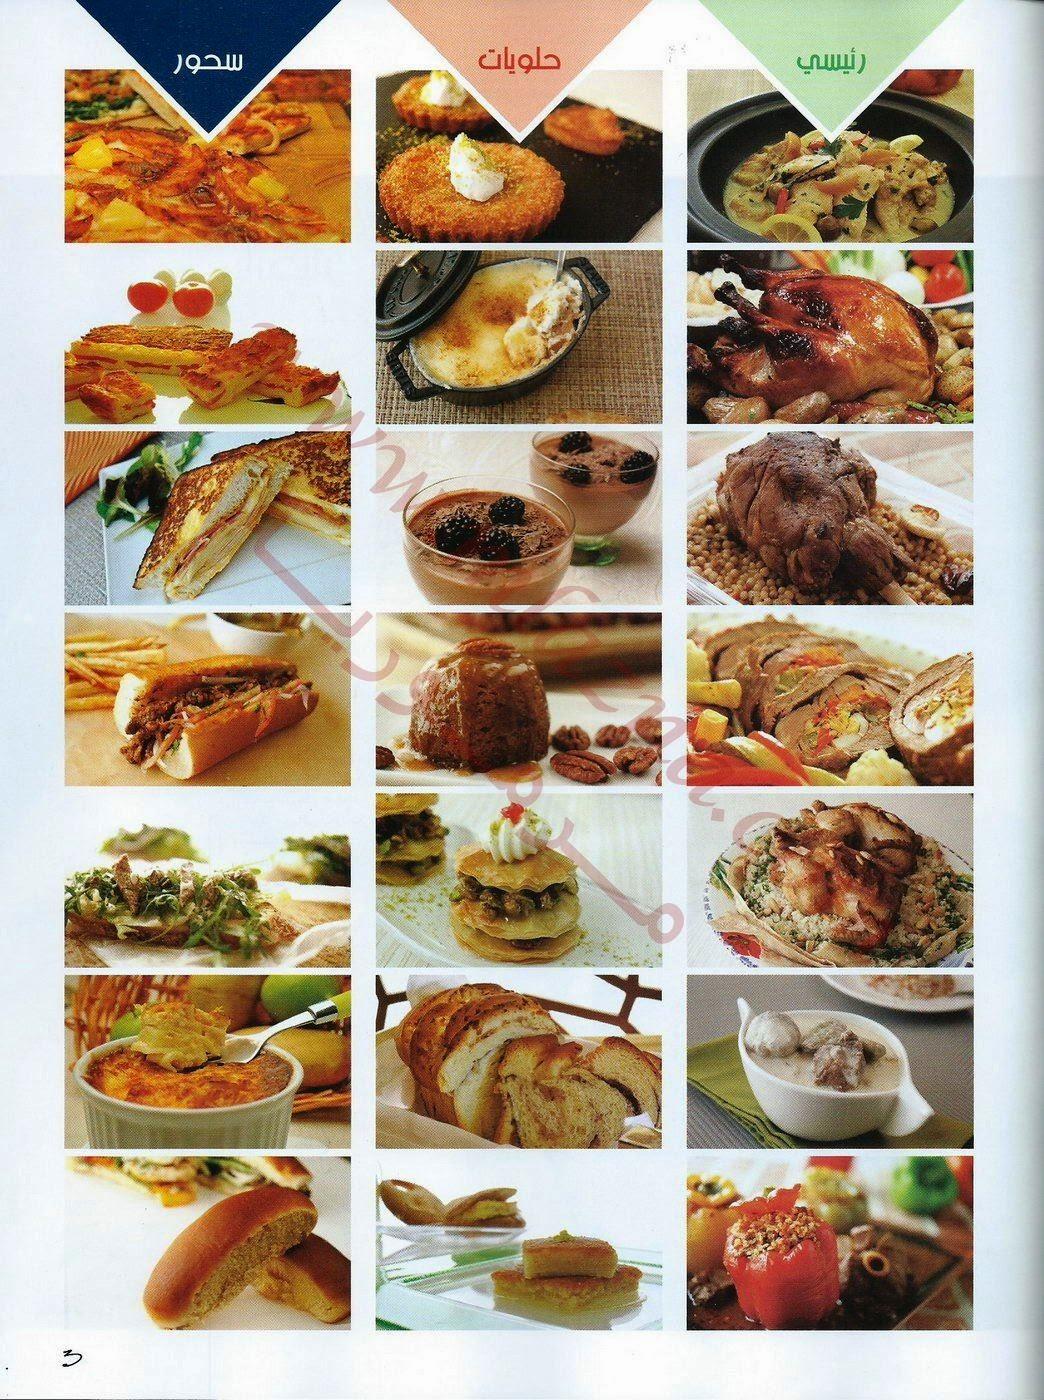 مجلة مائدة رمضان للشيف أسامة أطيب (( وصفات وكيفيات رائعة )) admin40267882.jpg